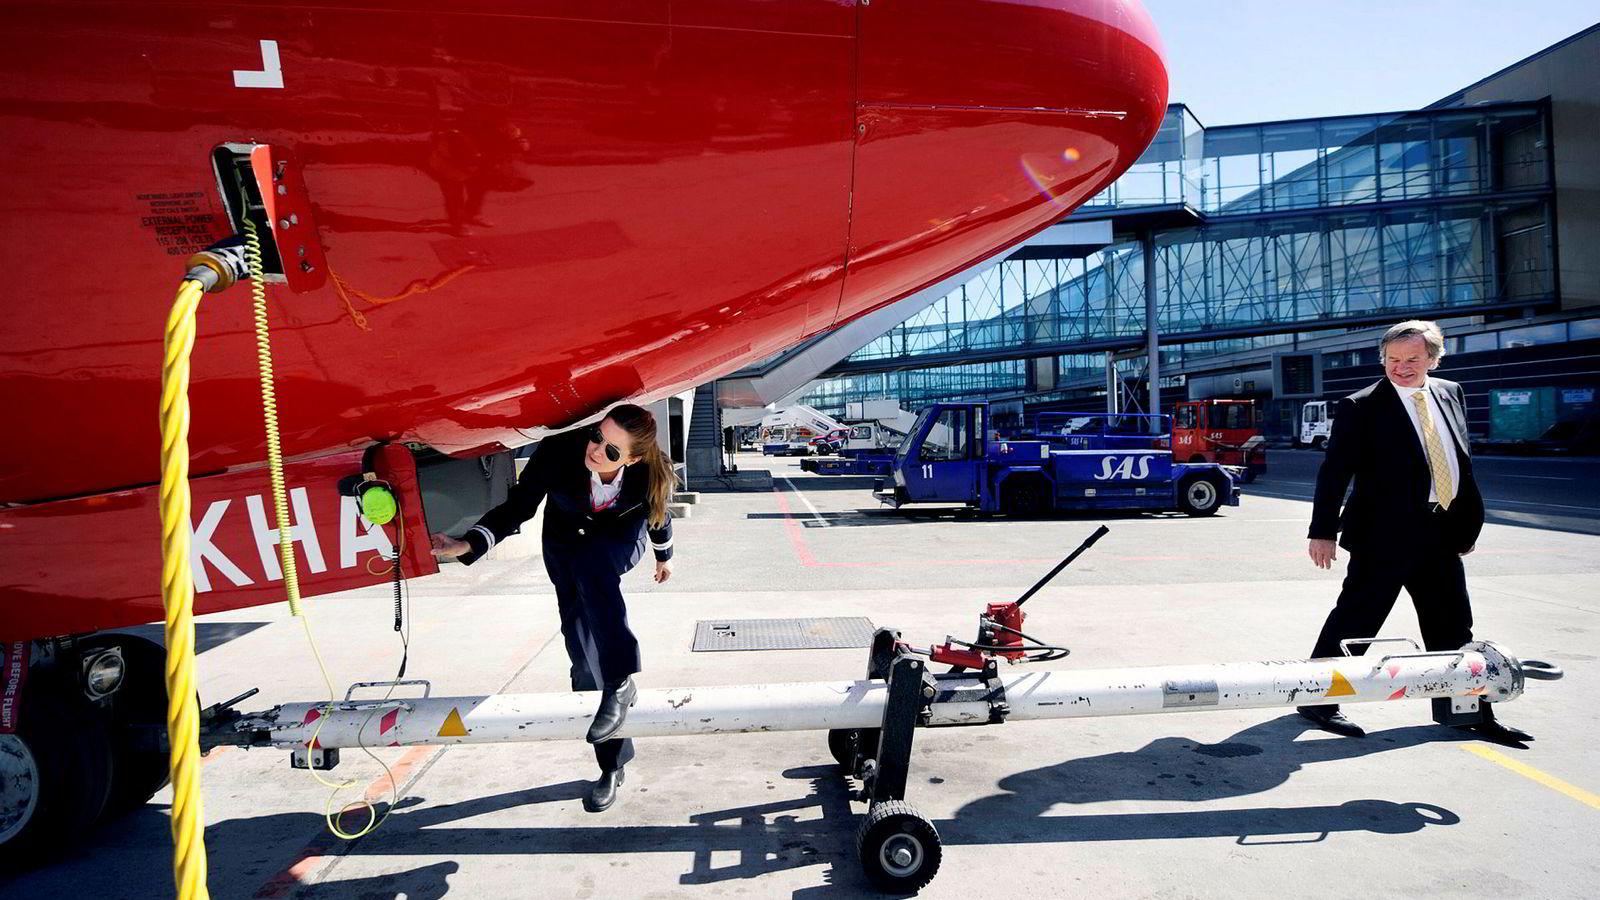 Norwegian-sjef Bjørn Kjos har i det stille overført det meste av familiens flyaksjer til de tre barna. Her på Oslo lufthavn med datteren Anna Helene Kjos-Mathisen, da hun jobbet som pilot i 2011.